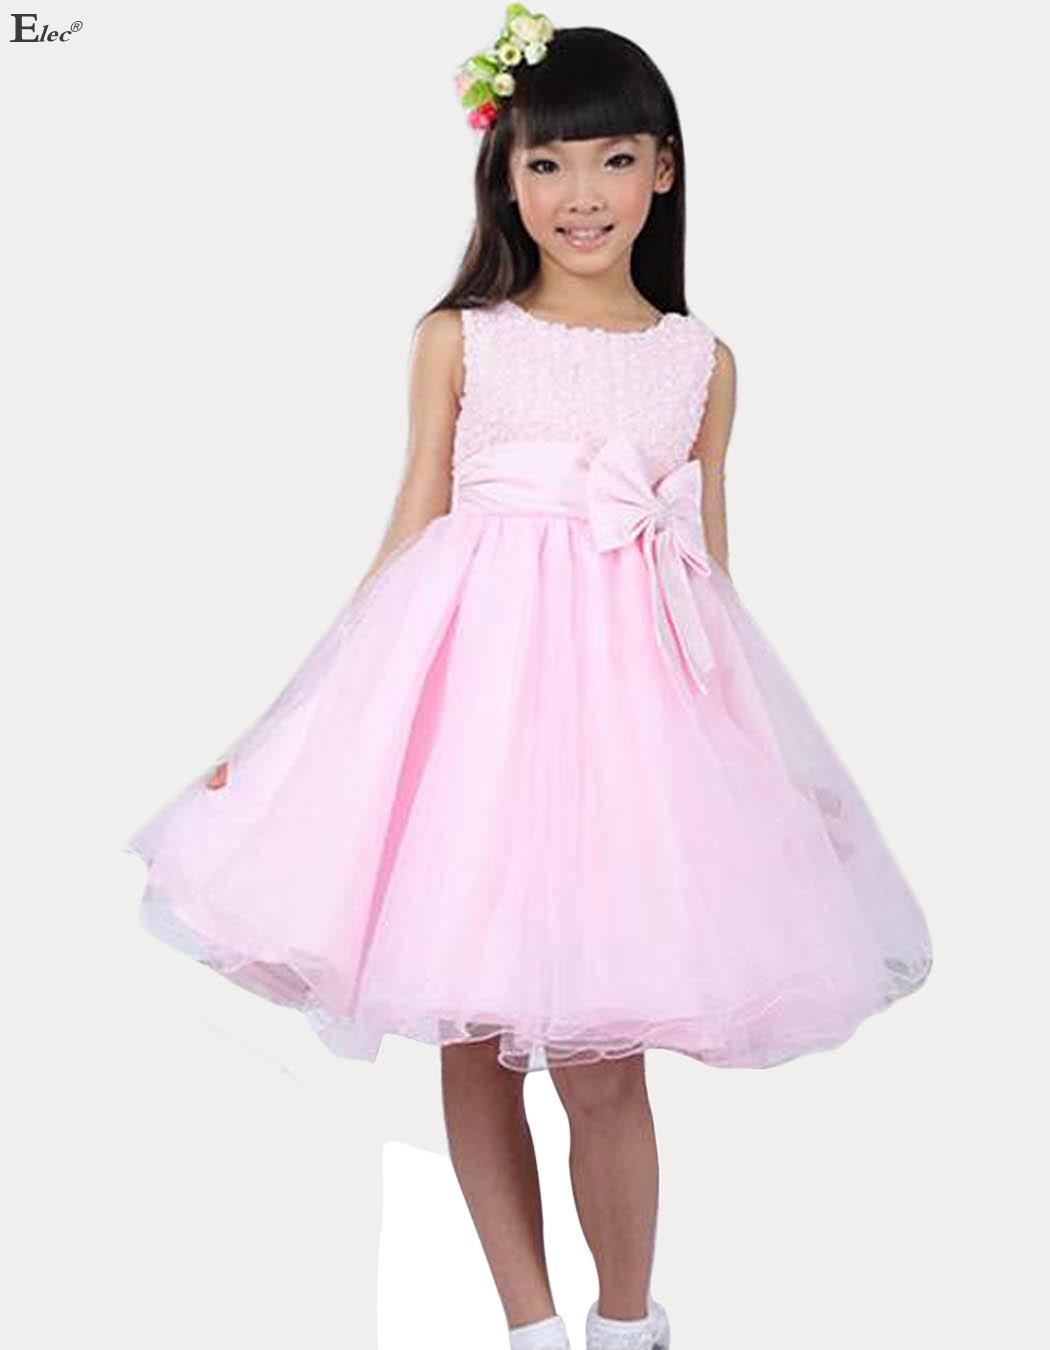 عيد الميلاد الجديد زفاف العروسة الأورجانزا الدانتيل الاطفال الطفل روز اللباس أميرة البنات فساتين زهرة فتاة الملابس(China (Mainland))